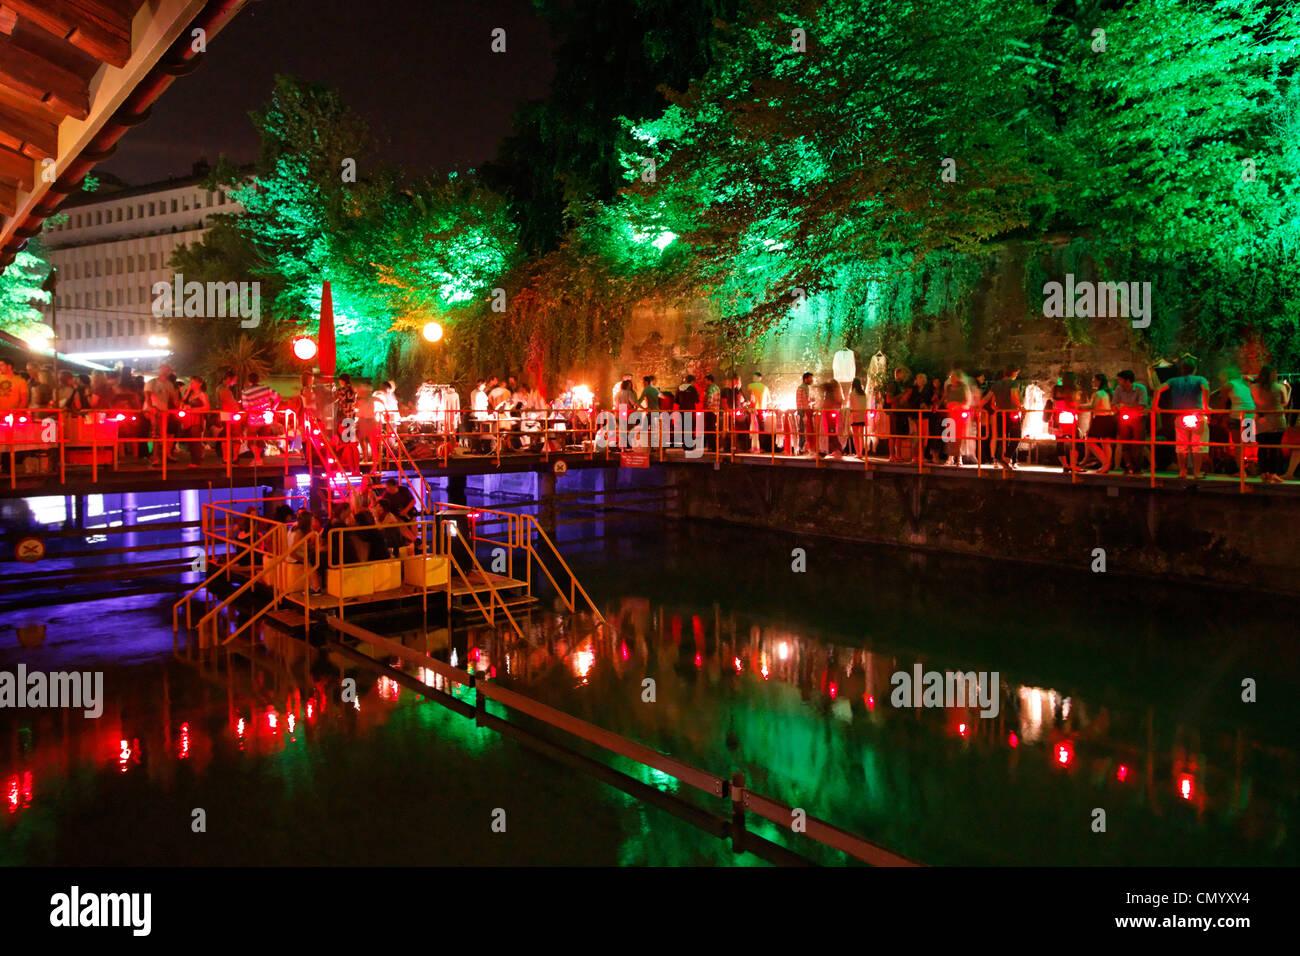 Rimini-Bar mit Beleuchtung in der Nacht, Zürich, Schweiz Stockbild